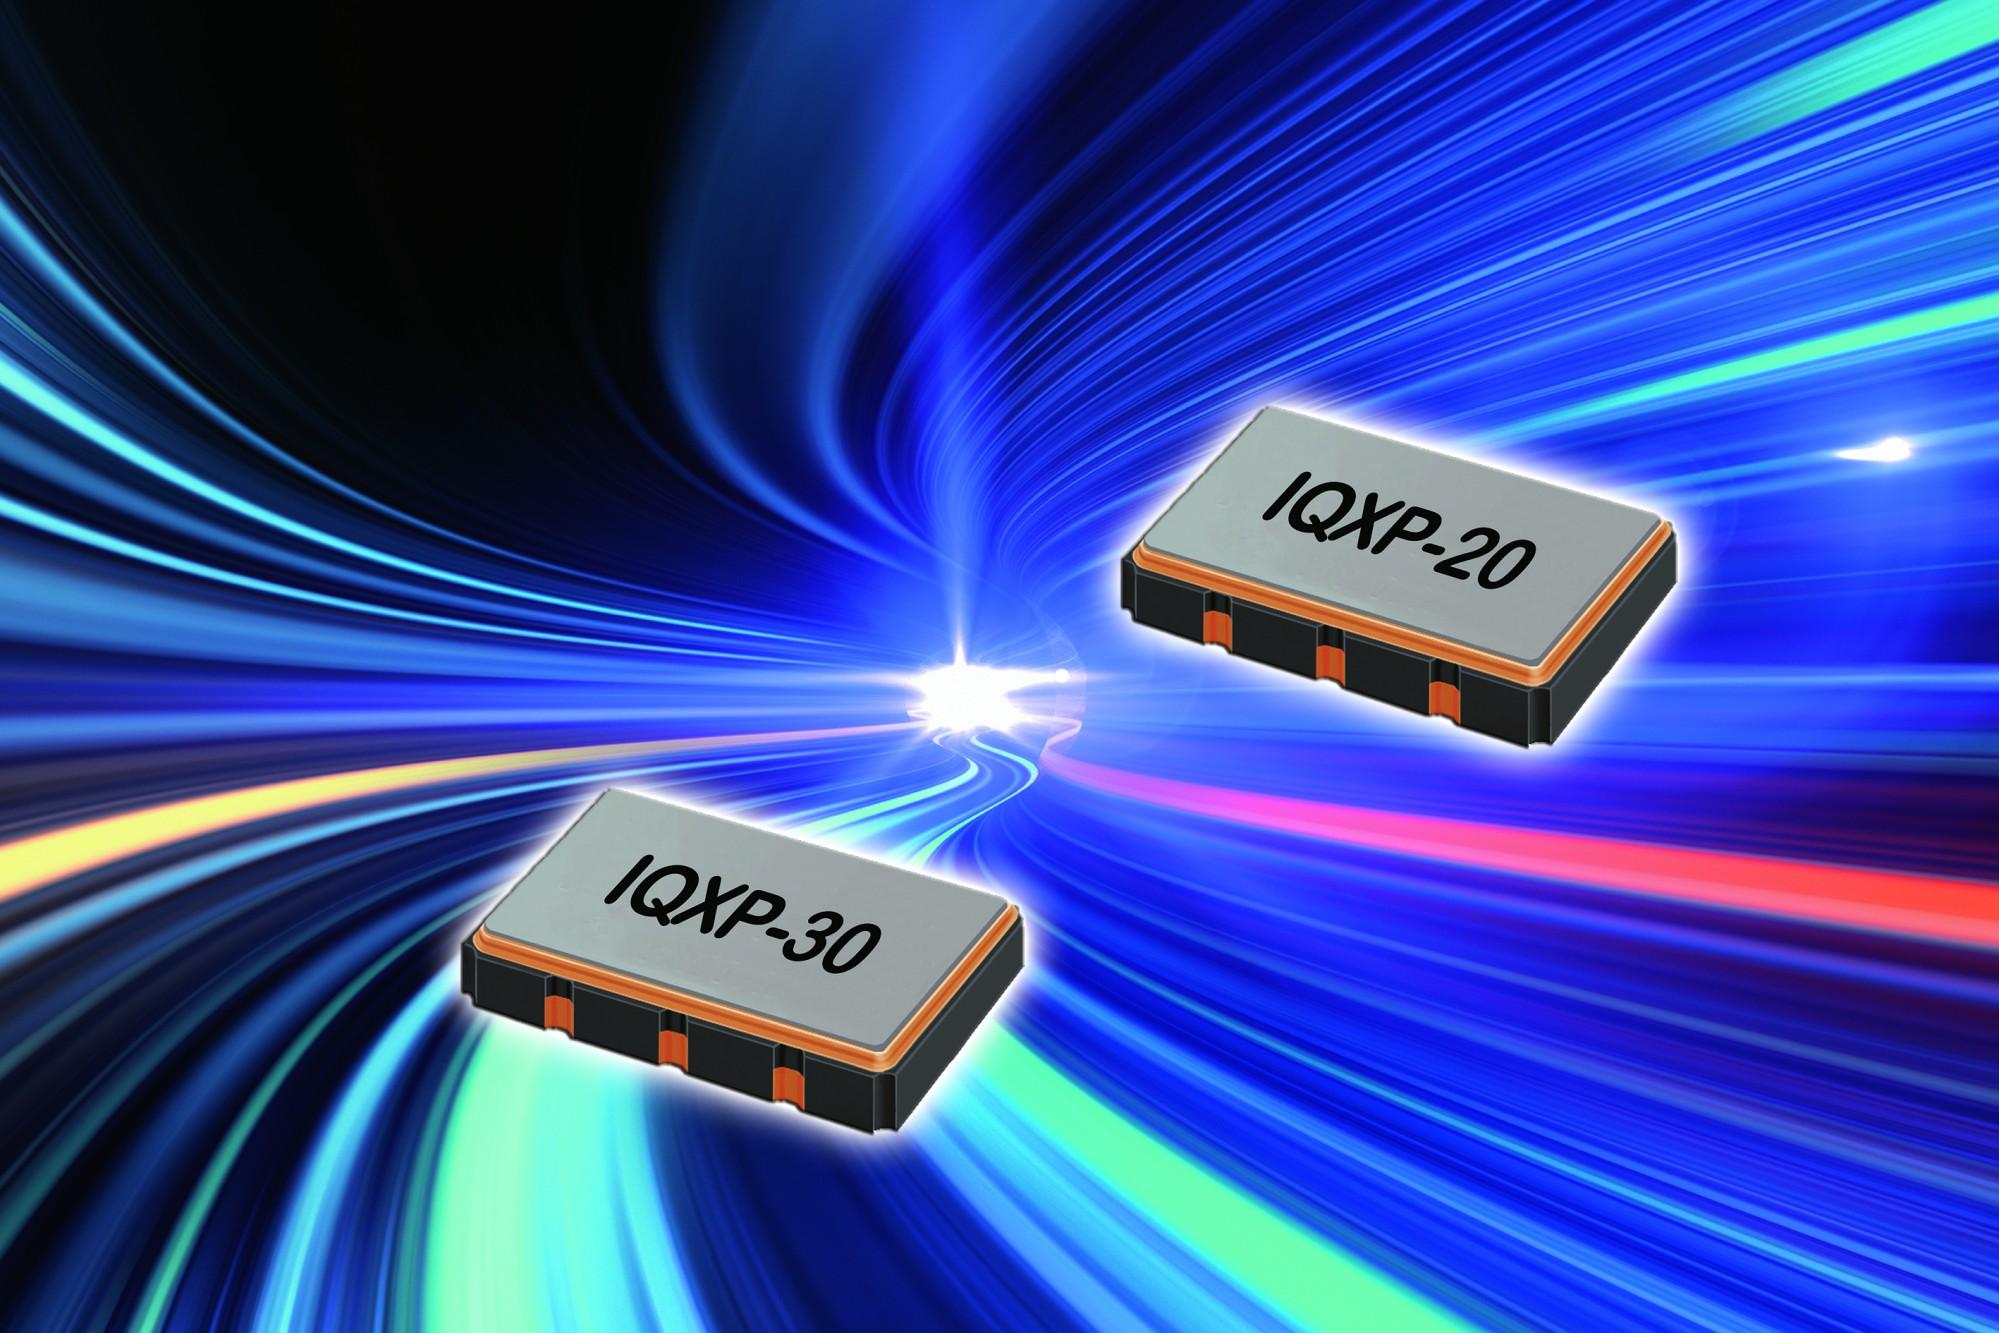 IQD lanciert neue Serien von schnell produzierbaren, programmierbaren Oszillatoren mit sensationellem Phasenjitter